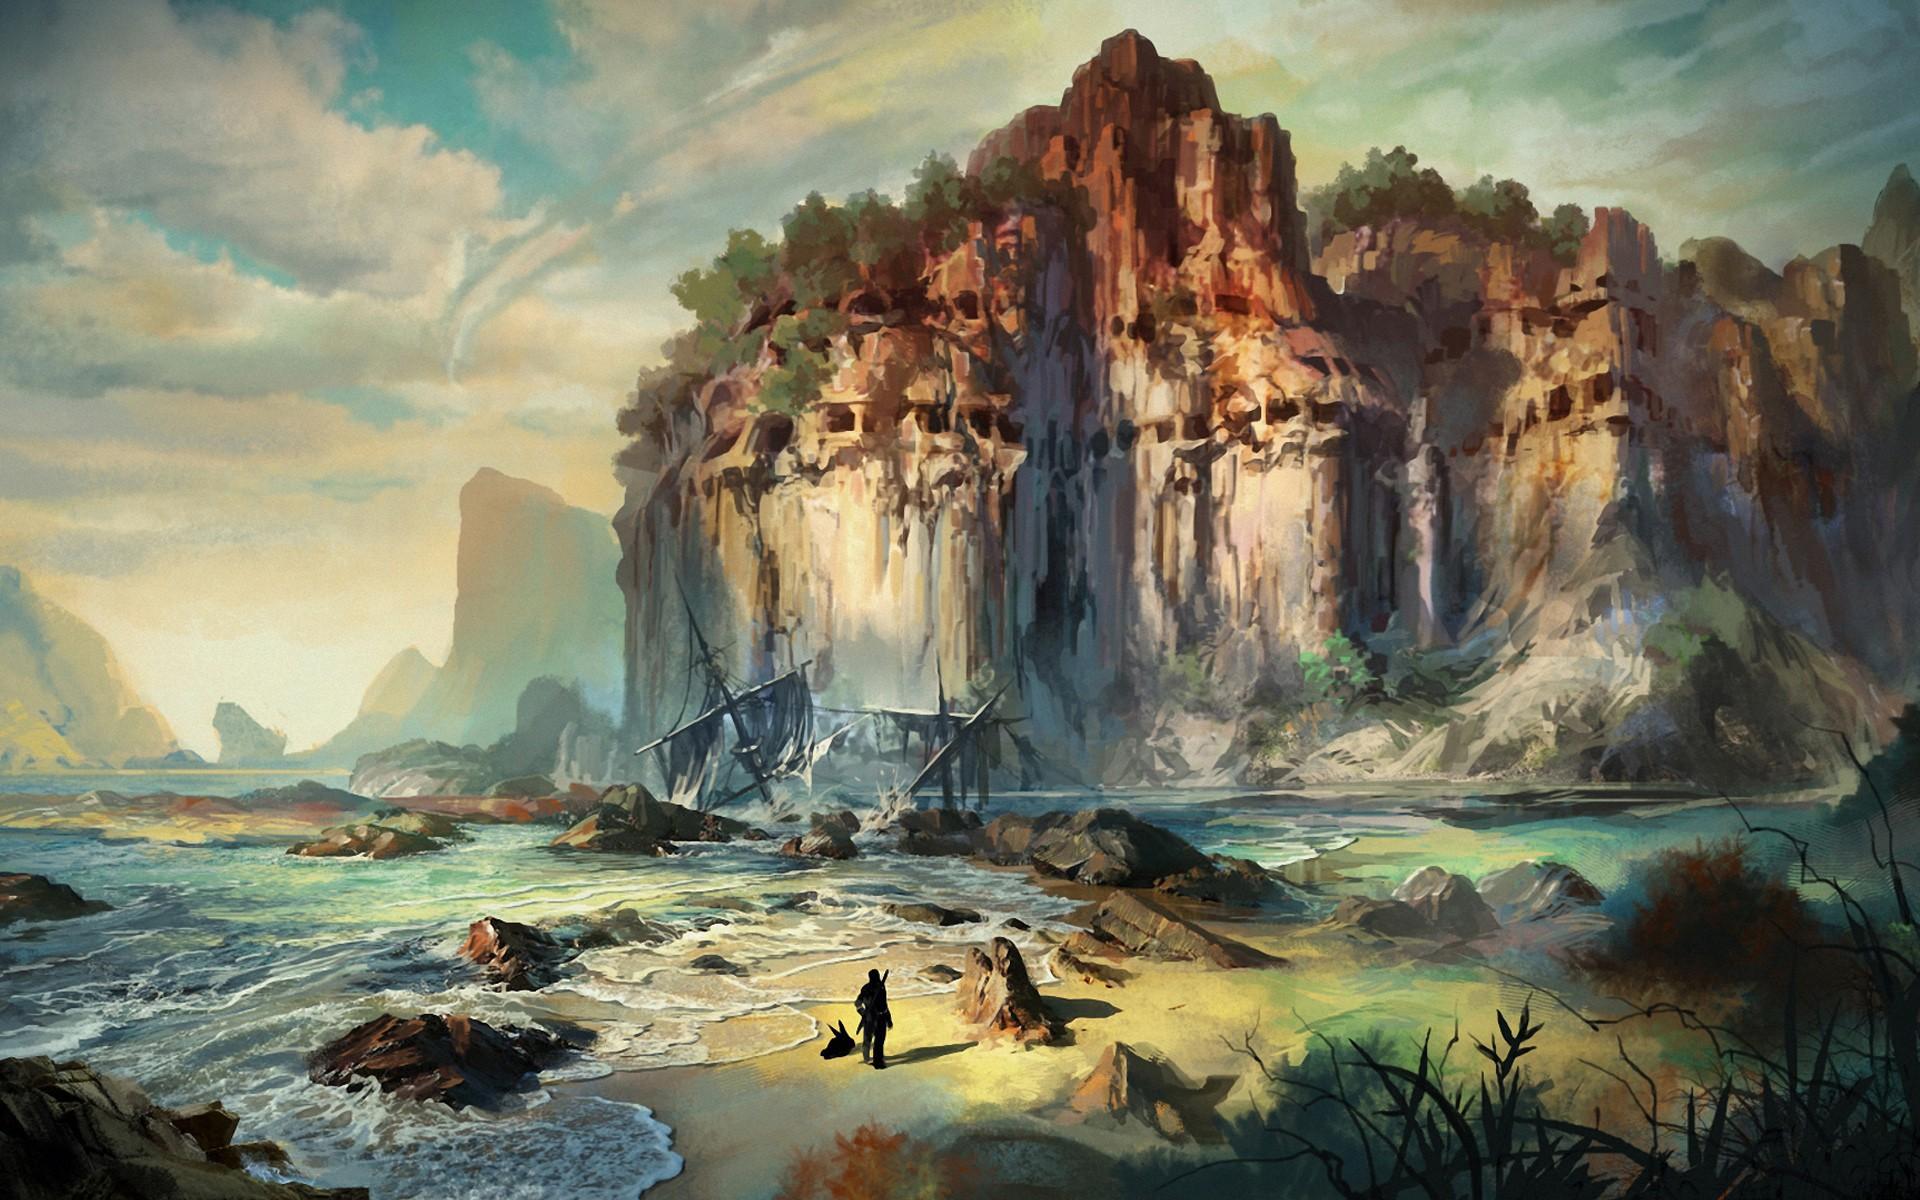 фэнтези картинки природа море выбрать другой